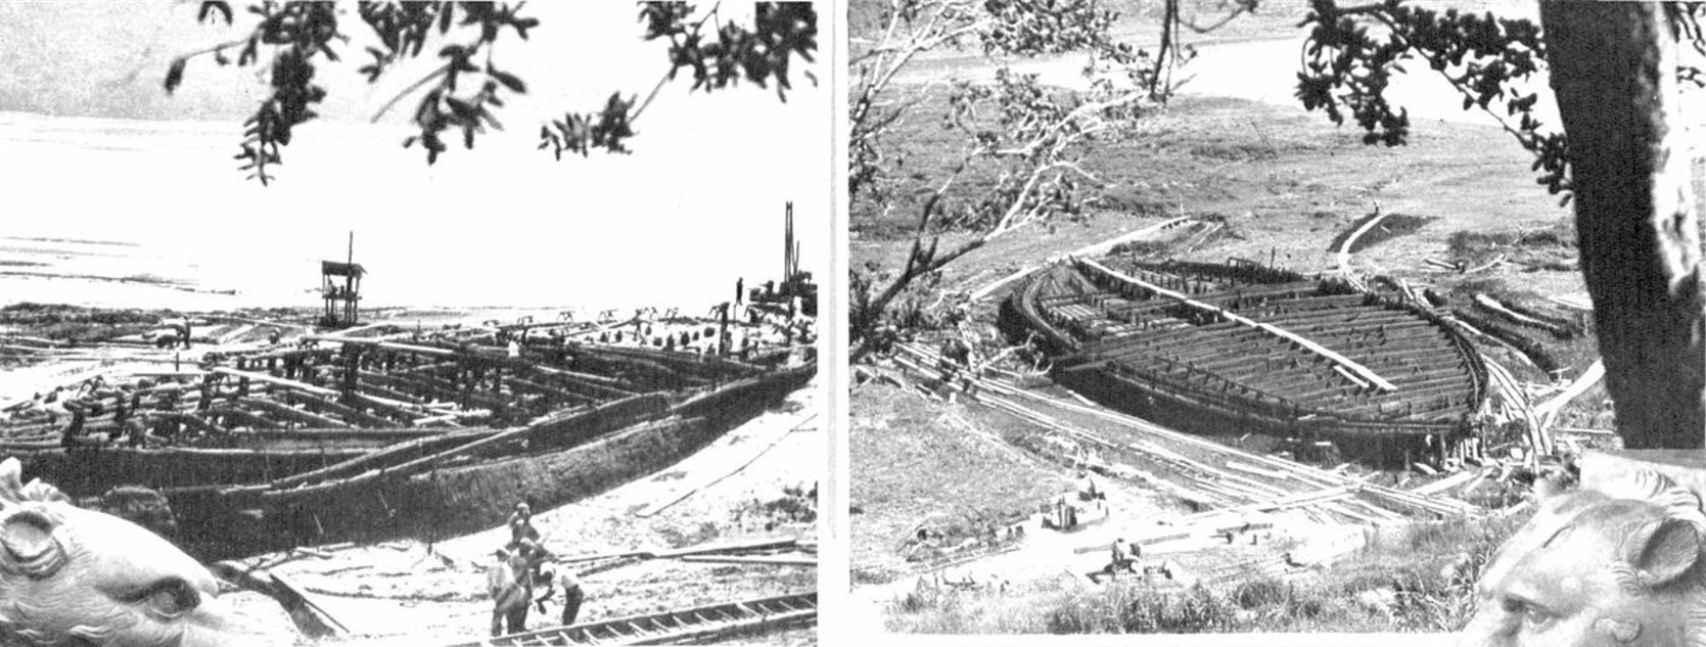 Imagen de los barcos de Calígula durante su excavación. Recorte de prensa de un periódico de 1932.